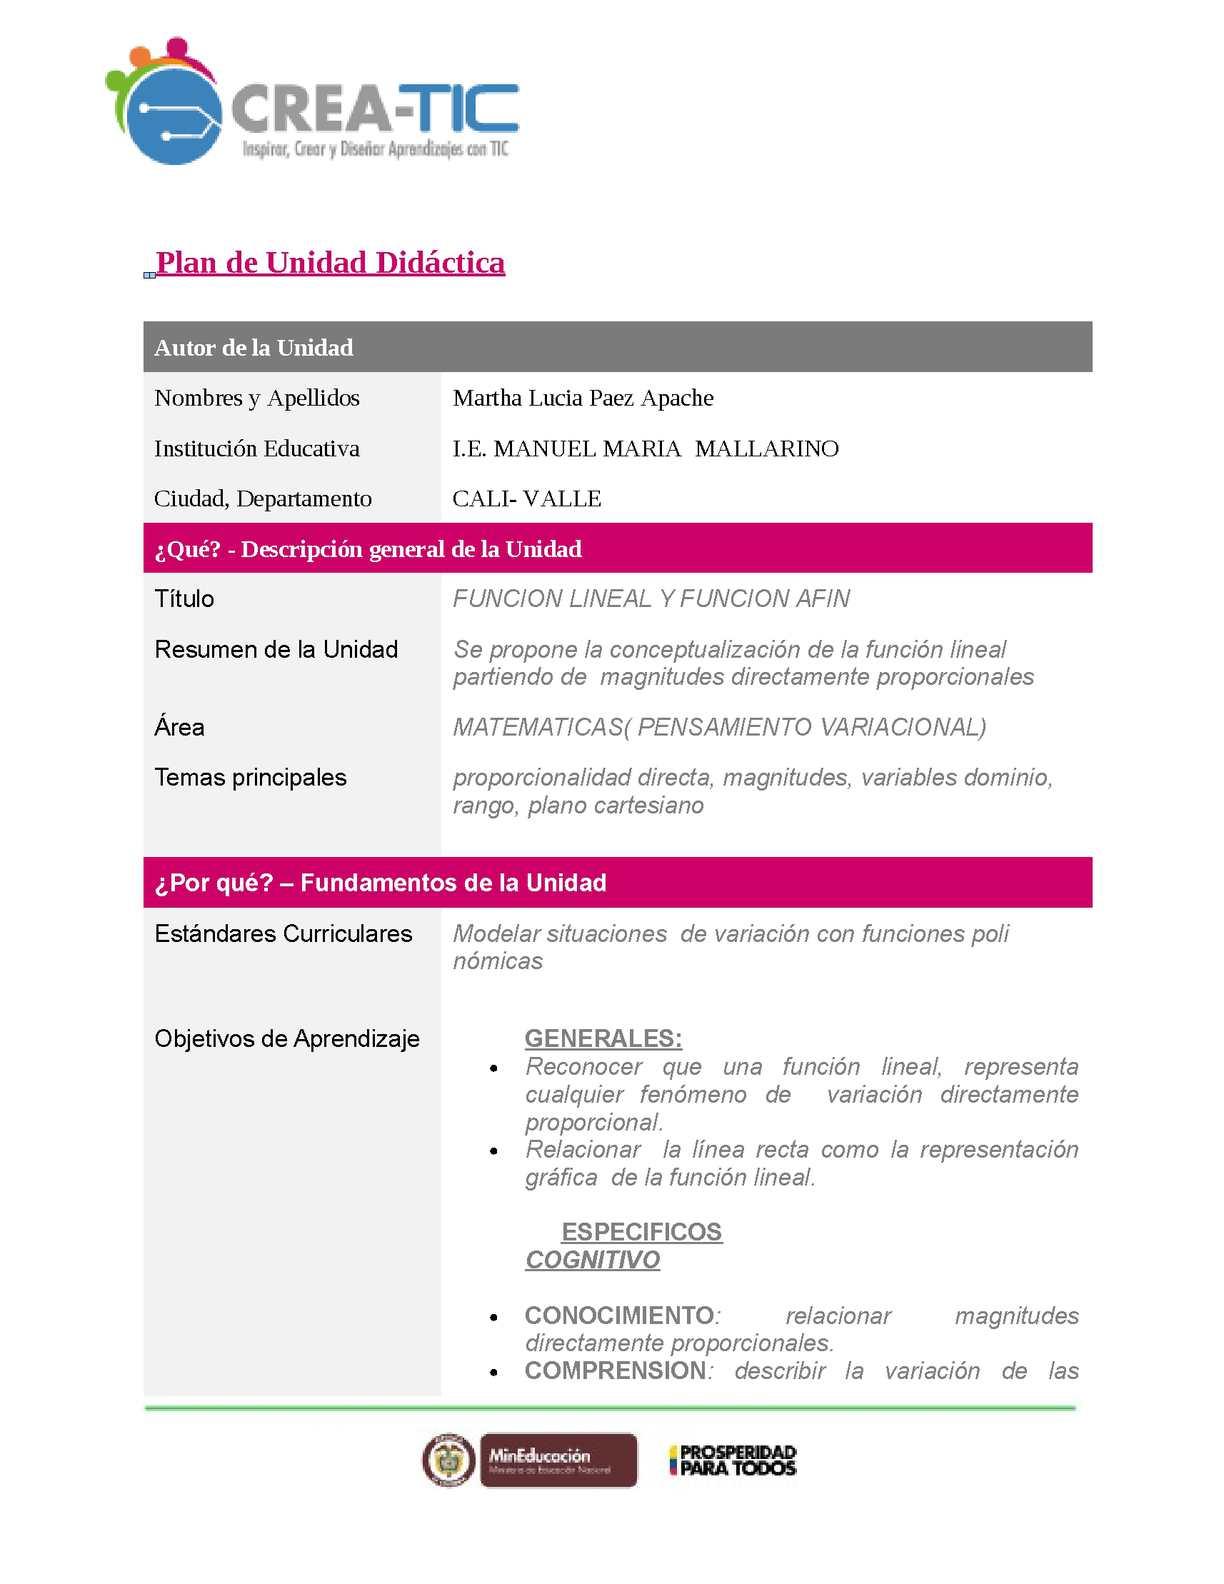 Calaméo - Plantilla Unidad Didactica Word 2